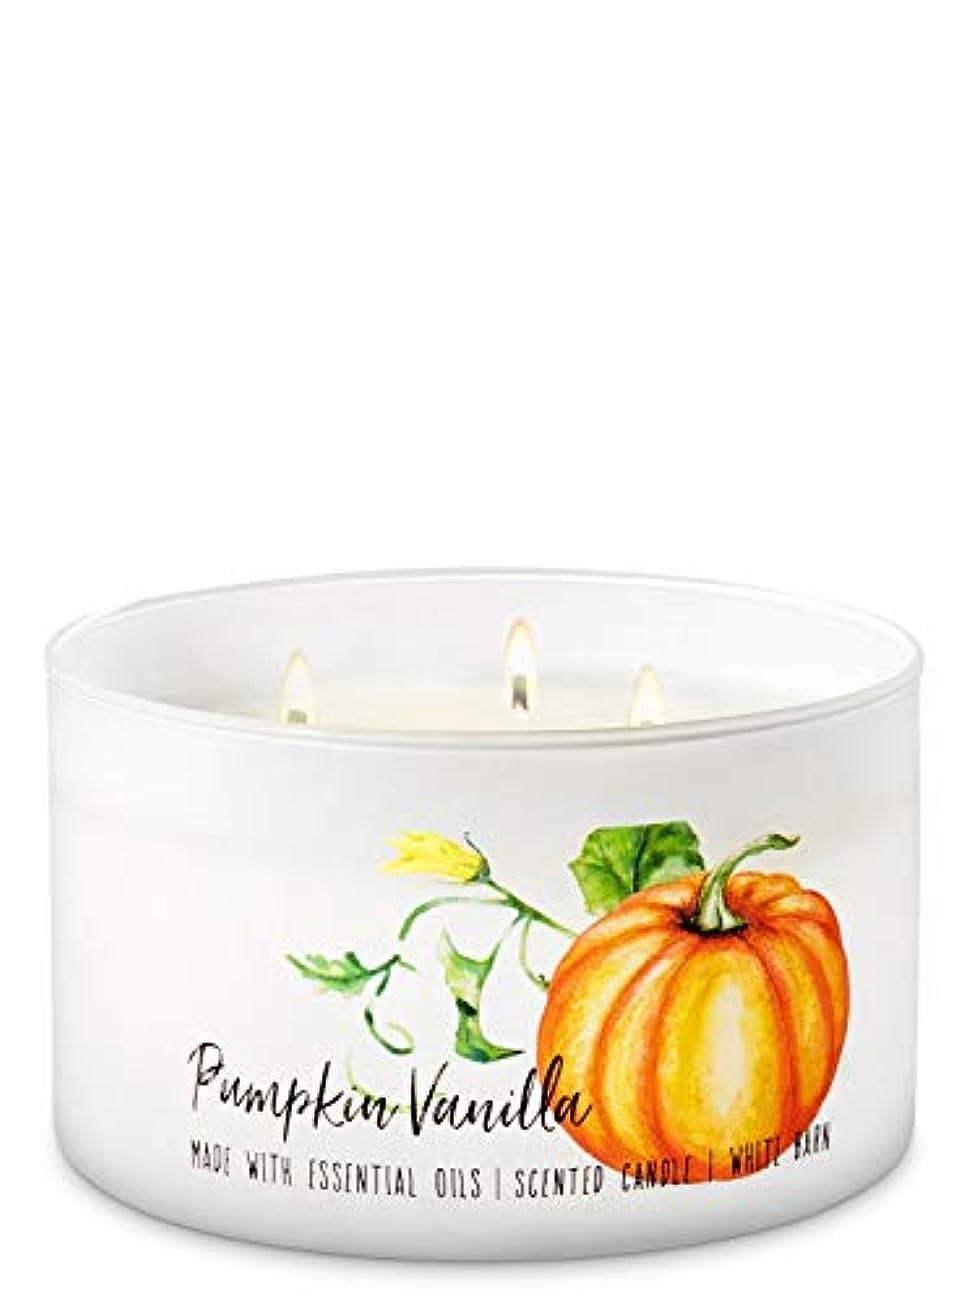 ワゴン可動締める【Bath&Body Works/バス&ボディワークス】 アロマキャンドル パンプキンバニラ 3-Wick Scented Candle Pumpkin Vanilla 14.5oz/411g [並行輸入品]